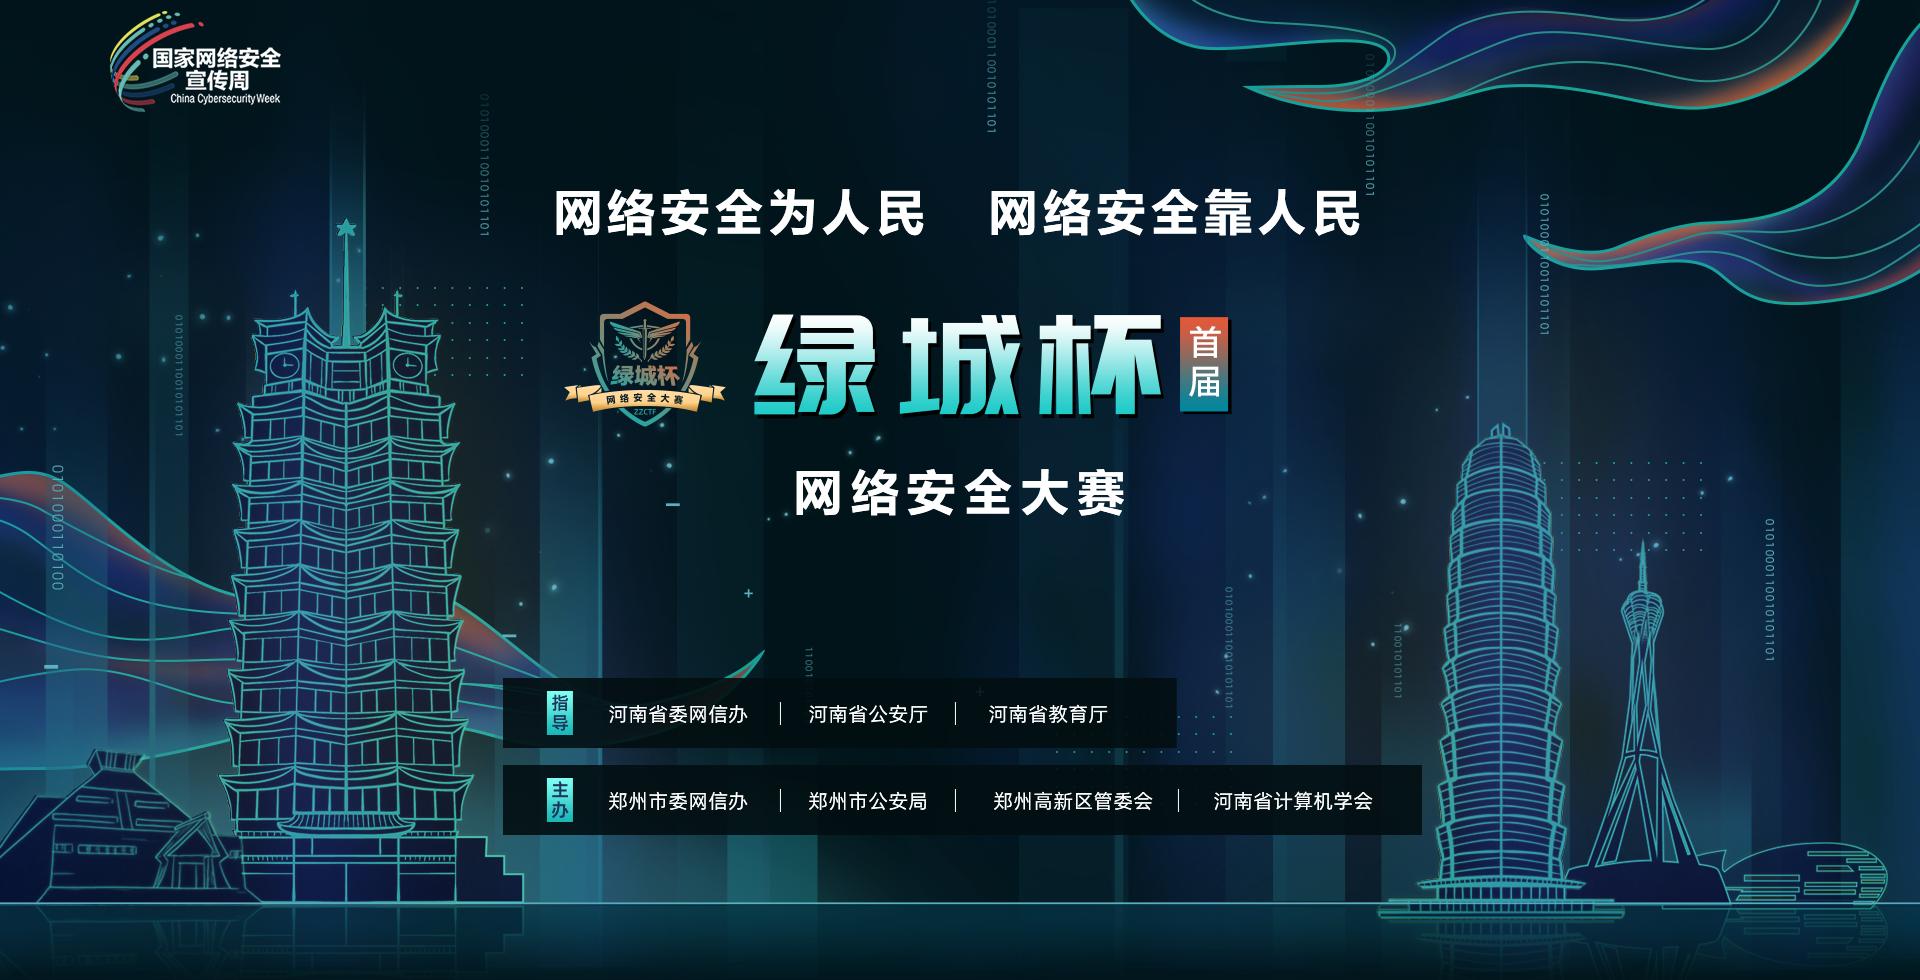 """【通知】2021年""""绿城杯""""网络安全大赛开始报名啦!"""